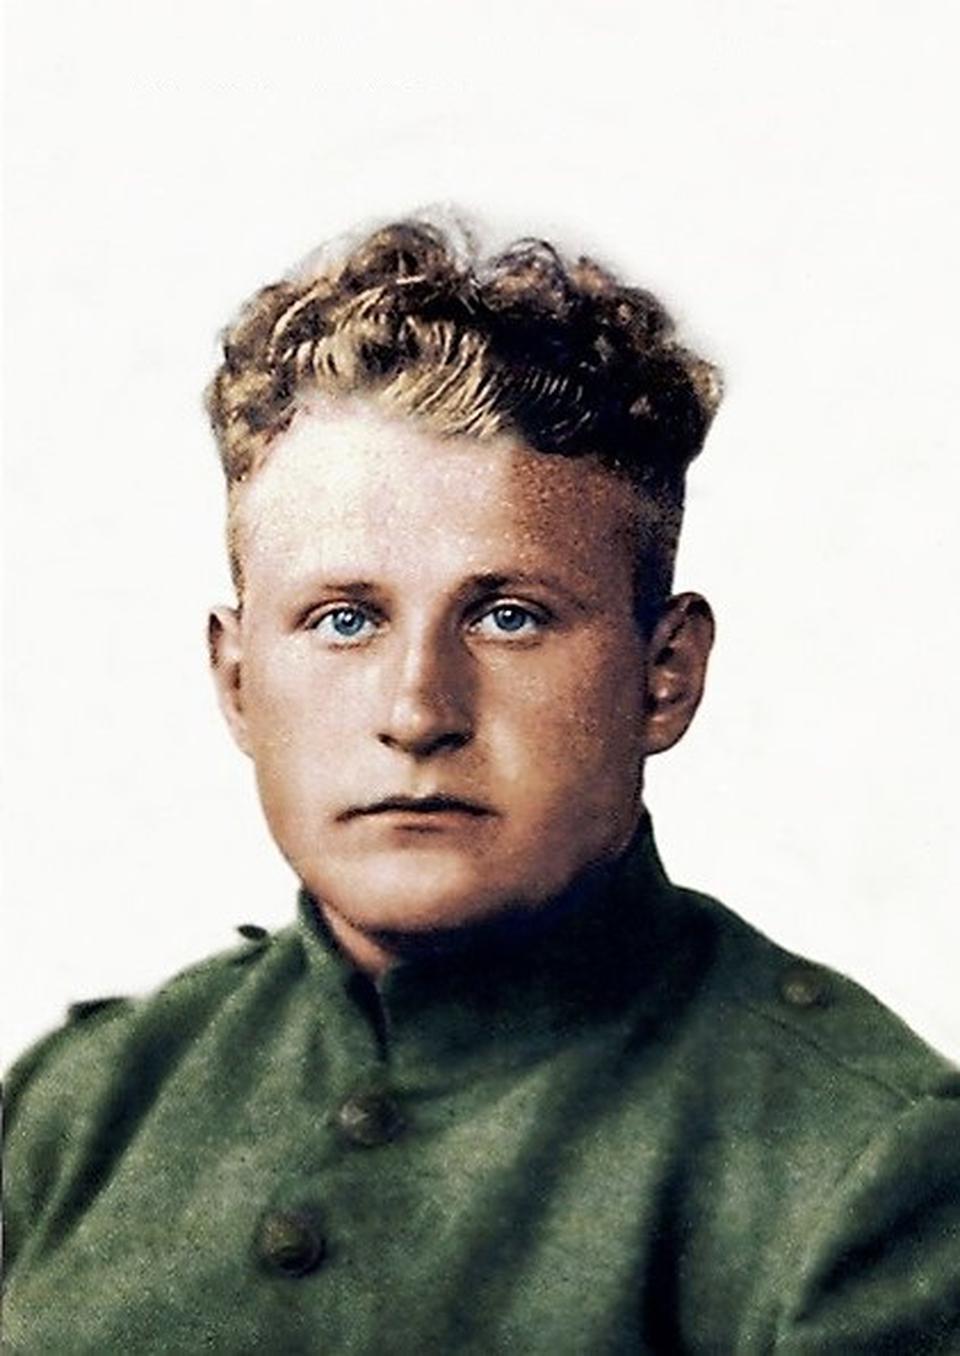 Albert Aalders uit Alteveer bij Roden in 1940. Een verkeerde keuze bracht hem de dood als Duitse soldaat.